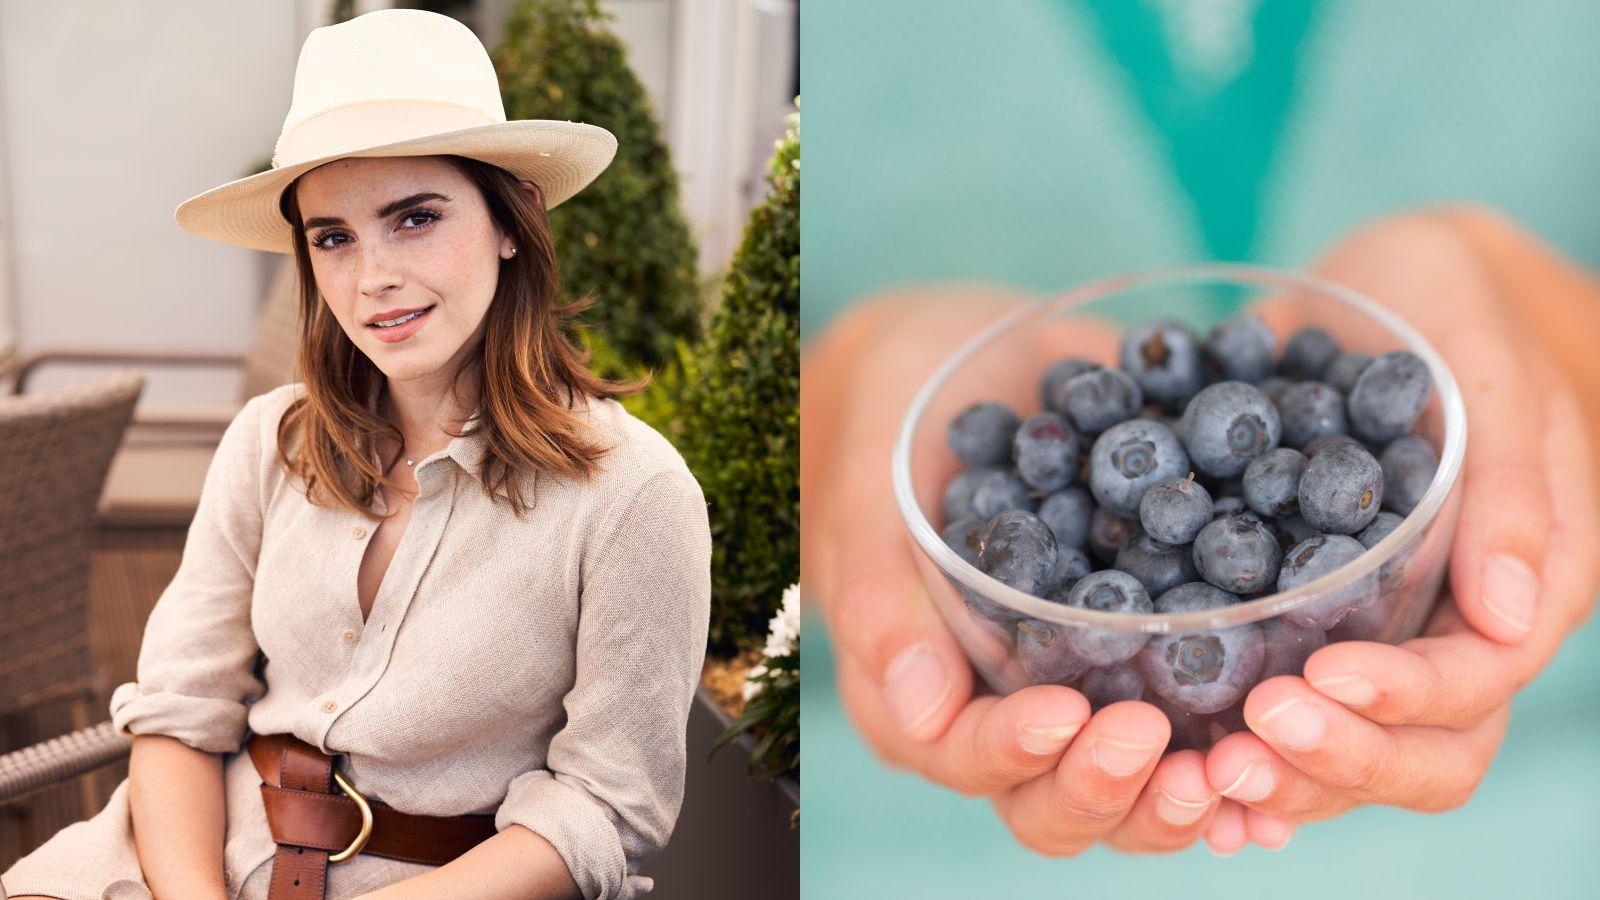 Tipikusan az az étel, ami az agyra hat, pont mint Emma. (Chris Allerton/Shutterstock\ Garo/Phanie/Shutterstock)